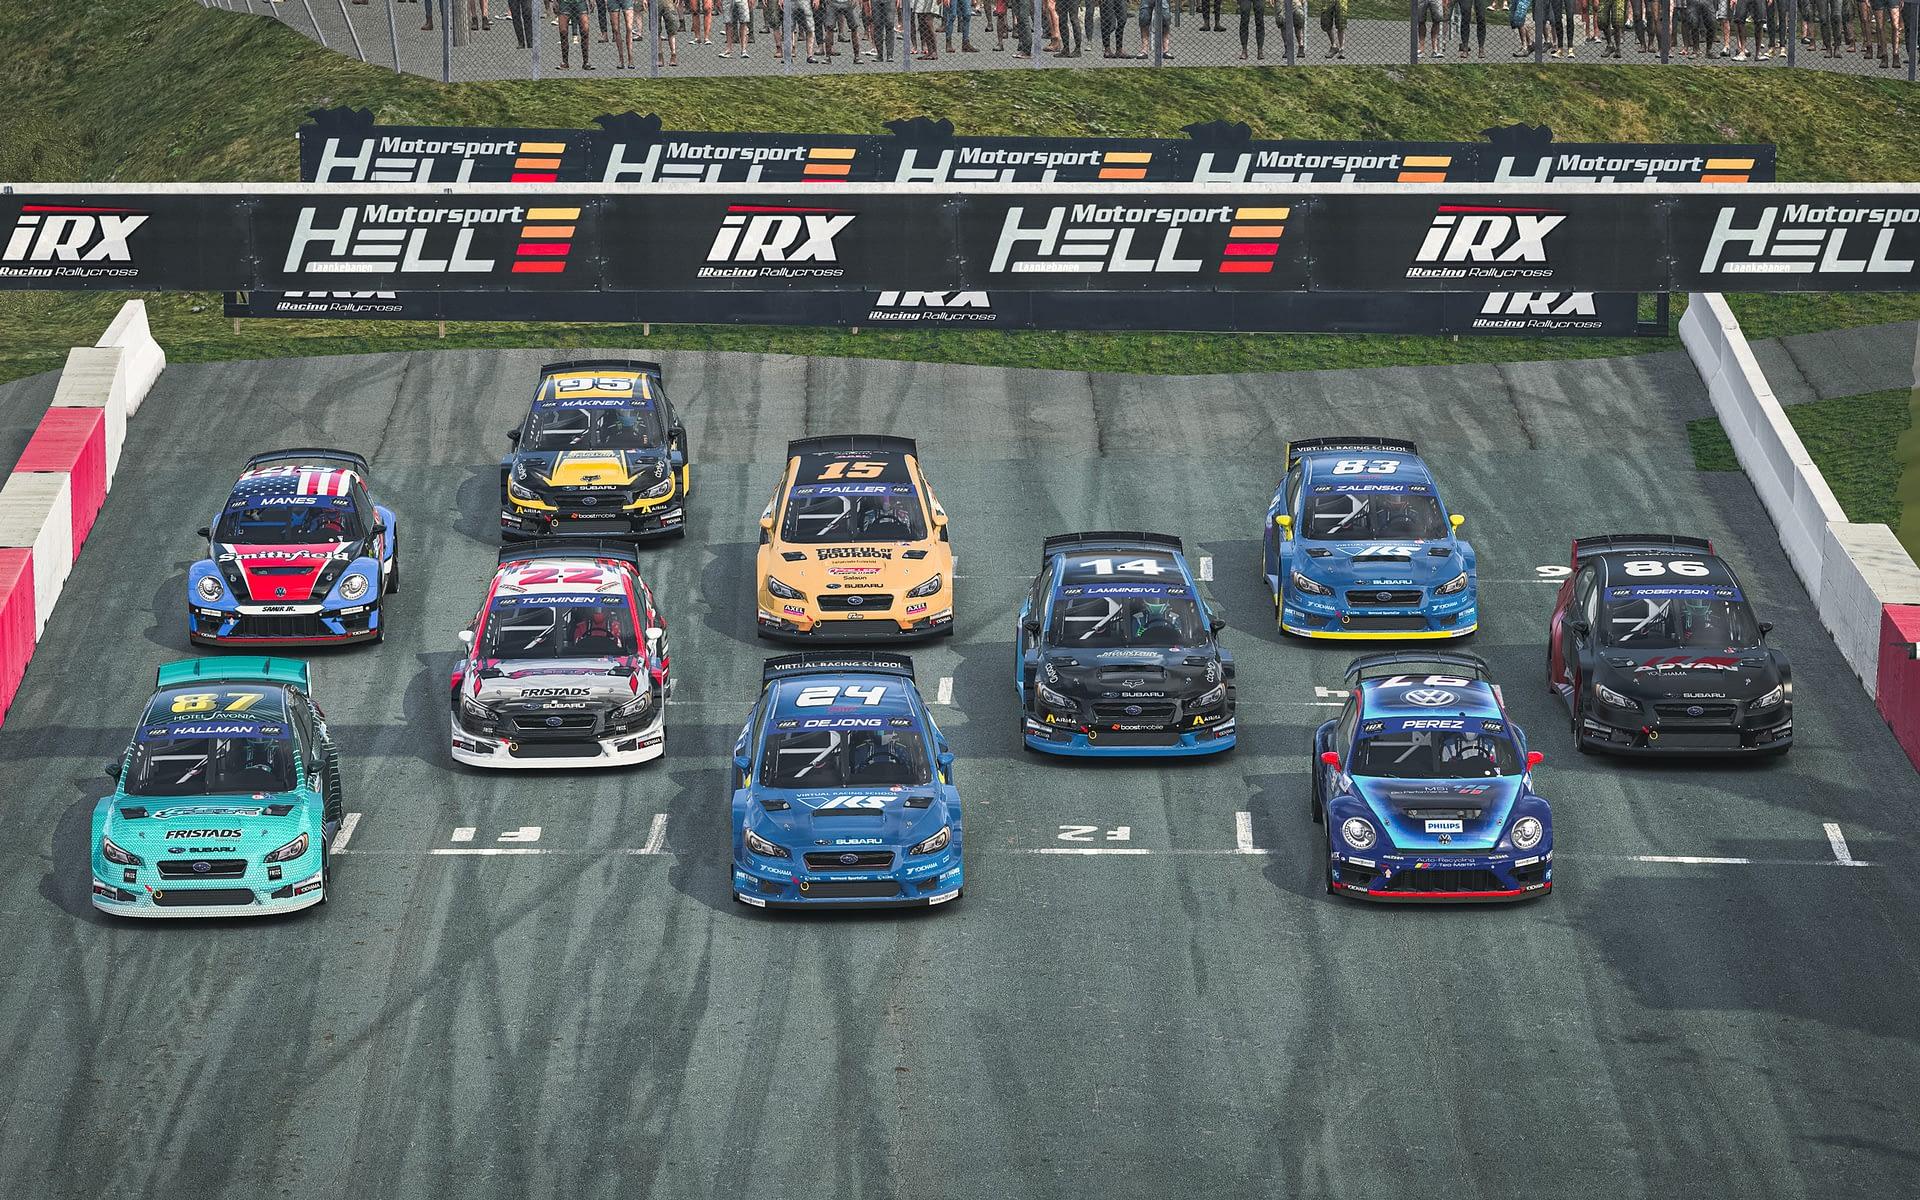 Subaru iRXWCS Round 5 9 c